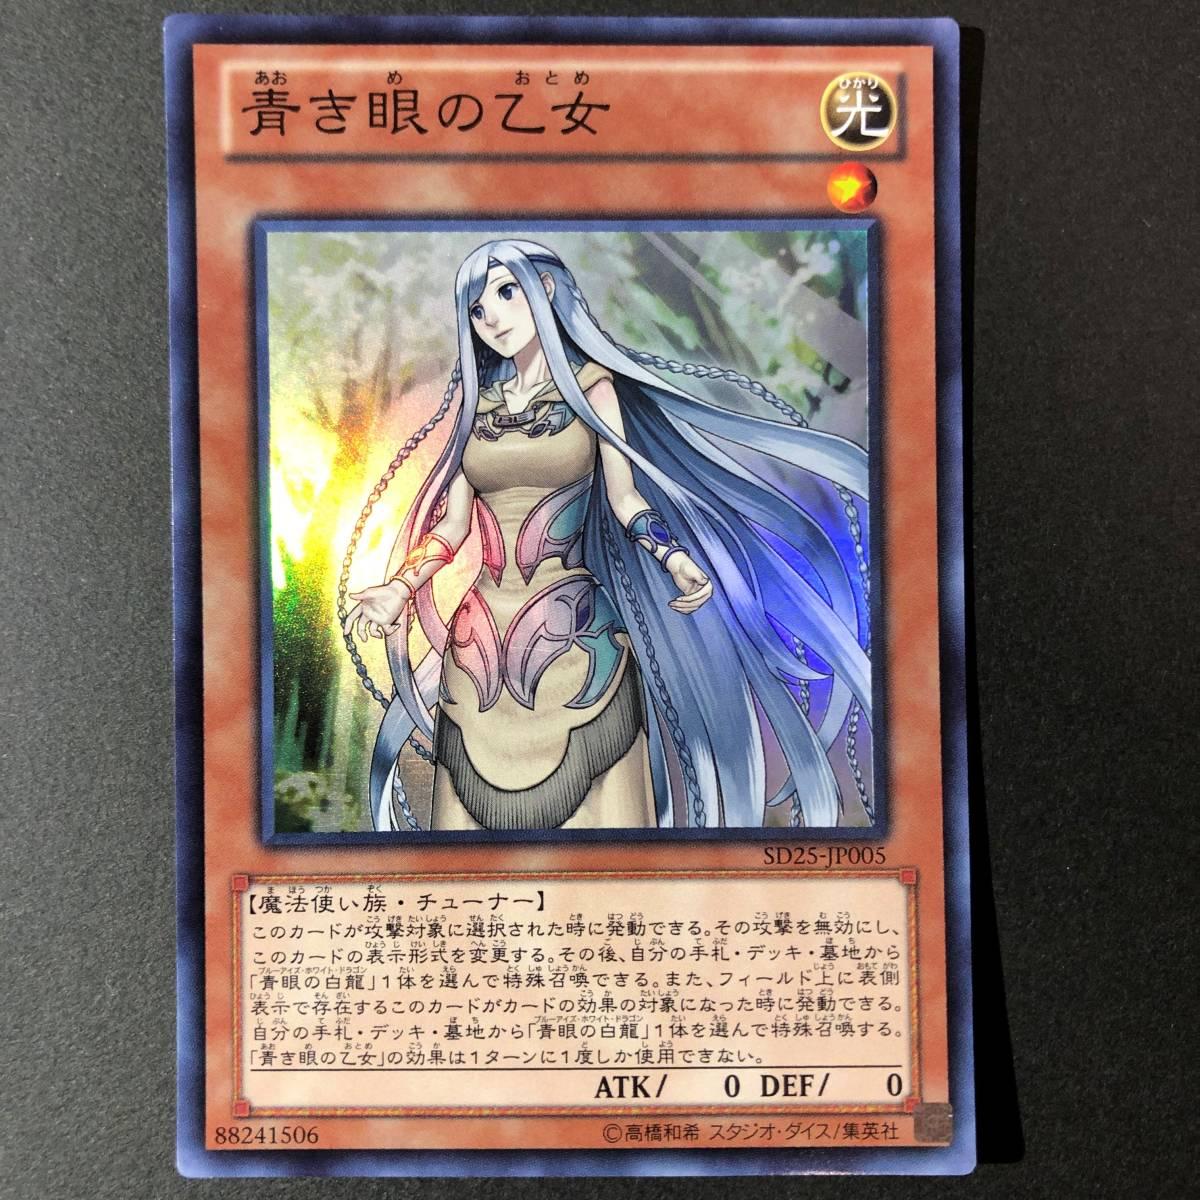 遊戯王 青き眼の乙女 スーパーレア SD25-JP005_画像1